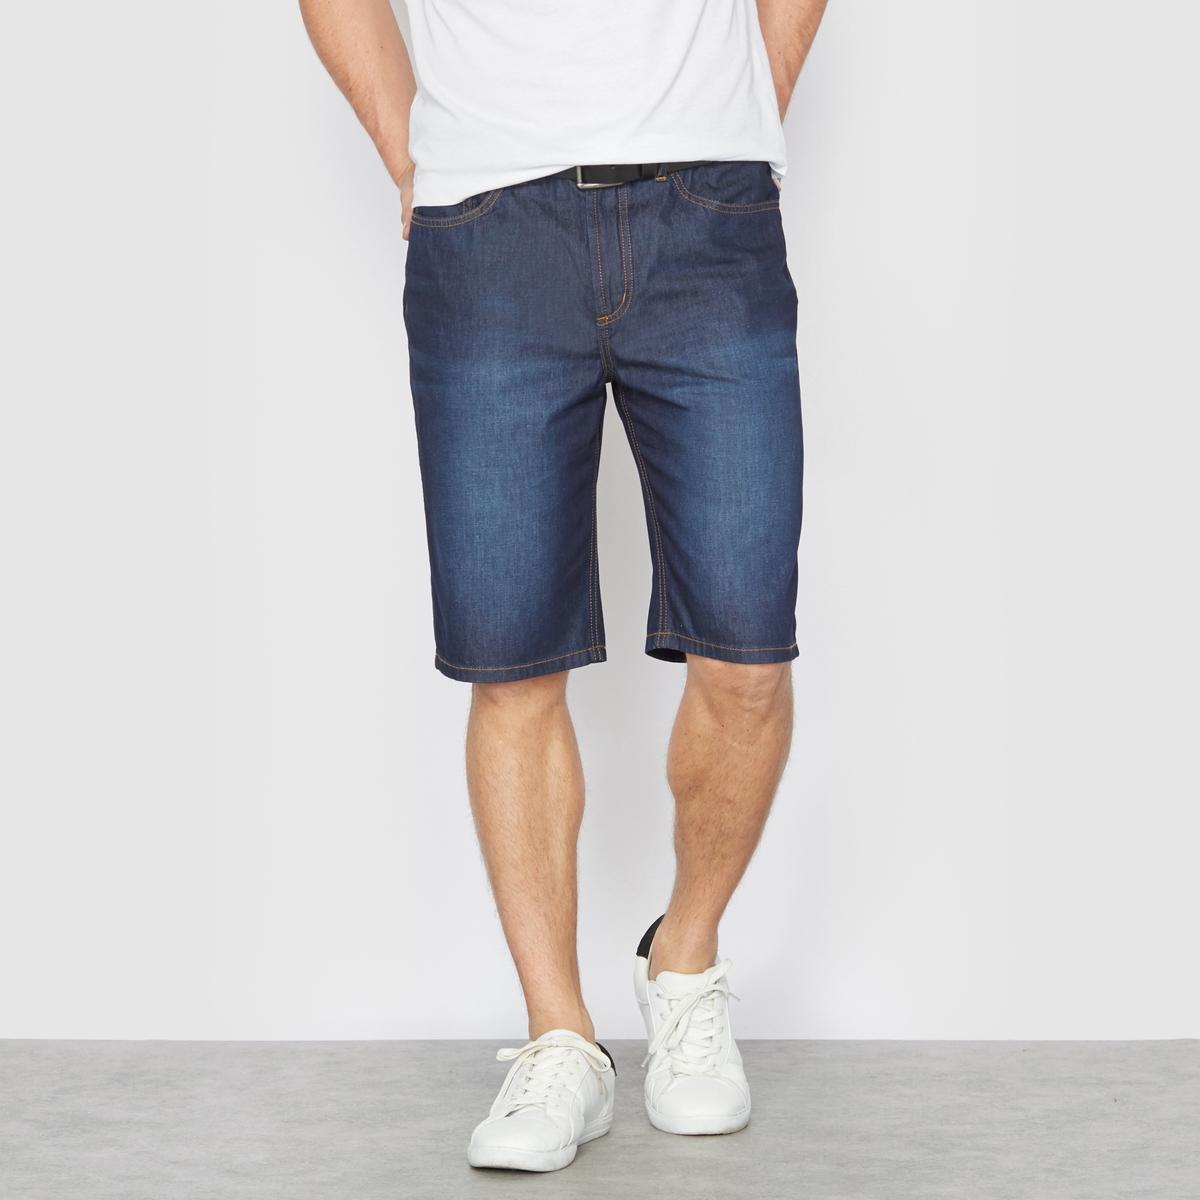 Бермуды, 5 карманов, из легкого денима, 100% хлопкаБермуды из джинсы. 5 карманов . Полностью эластичный пояс для комфорта. Из очень легкого денима, незаменимая вещь в летний сезон, 100% хлопка. Длина по внутр.шву 29 см.Обратите внимание, что бренд Taillissime создан для высоких, крупных мужчин с тенденцией к полноте. Чтобы узнать подходящий вам размер, сверьтесь с таблицей больших размеров на сайте.<br><br>Цвет: темно-синий потертый<br>Размер: 50 (FR) - 56 (RUS).54.68